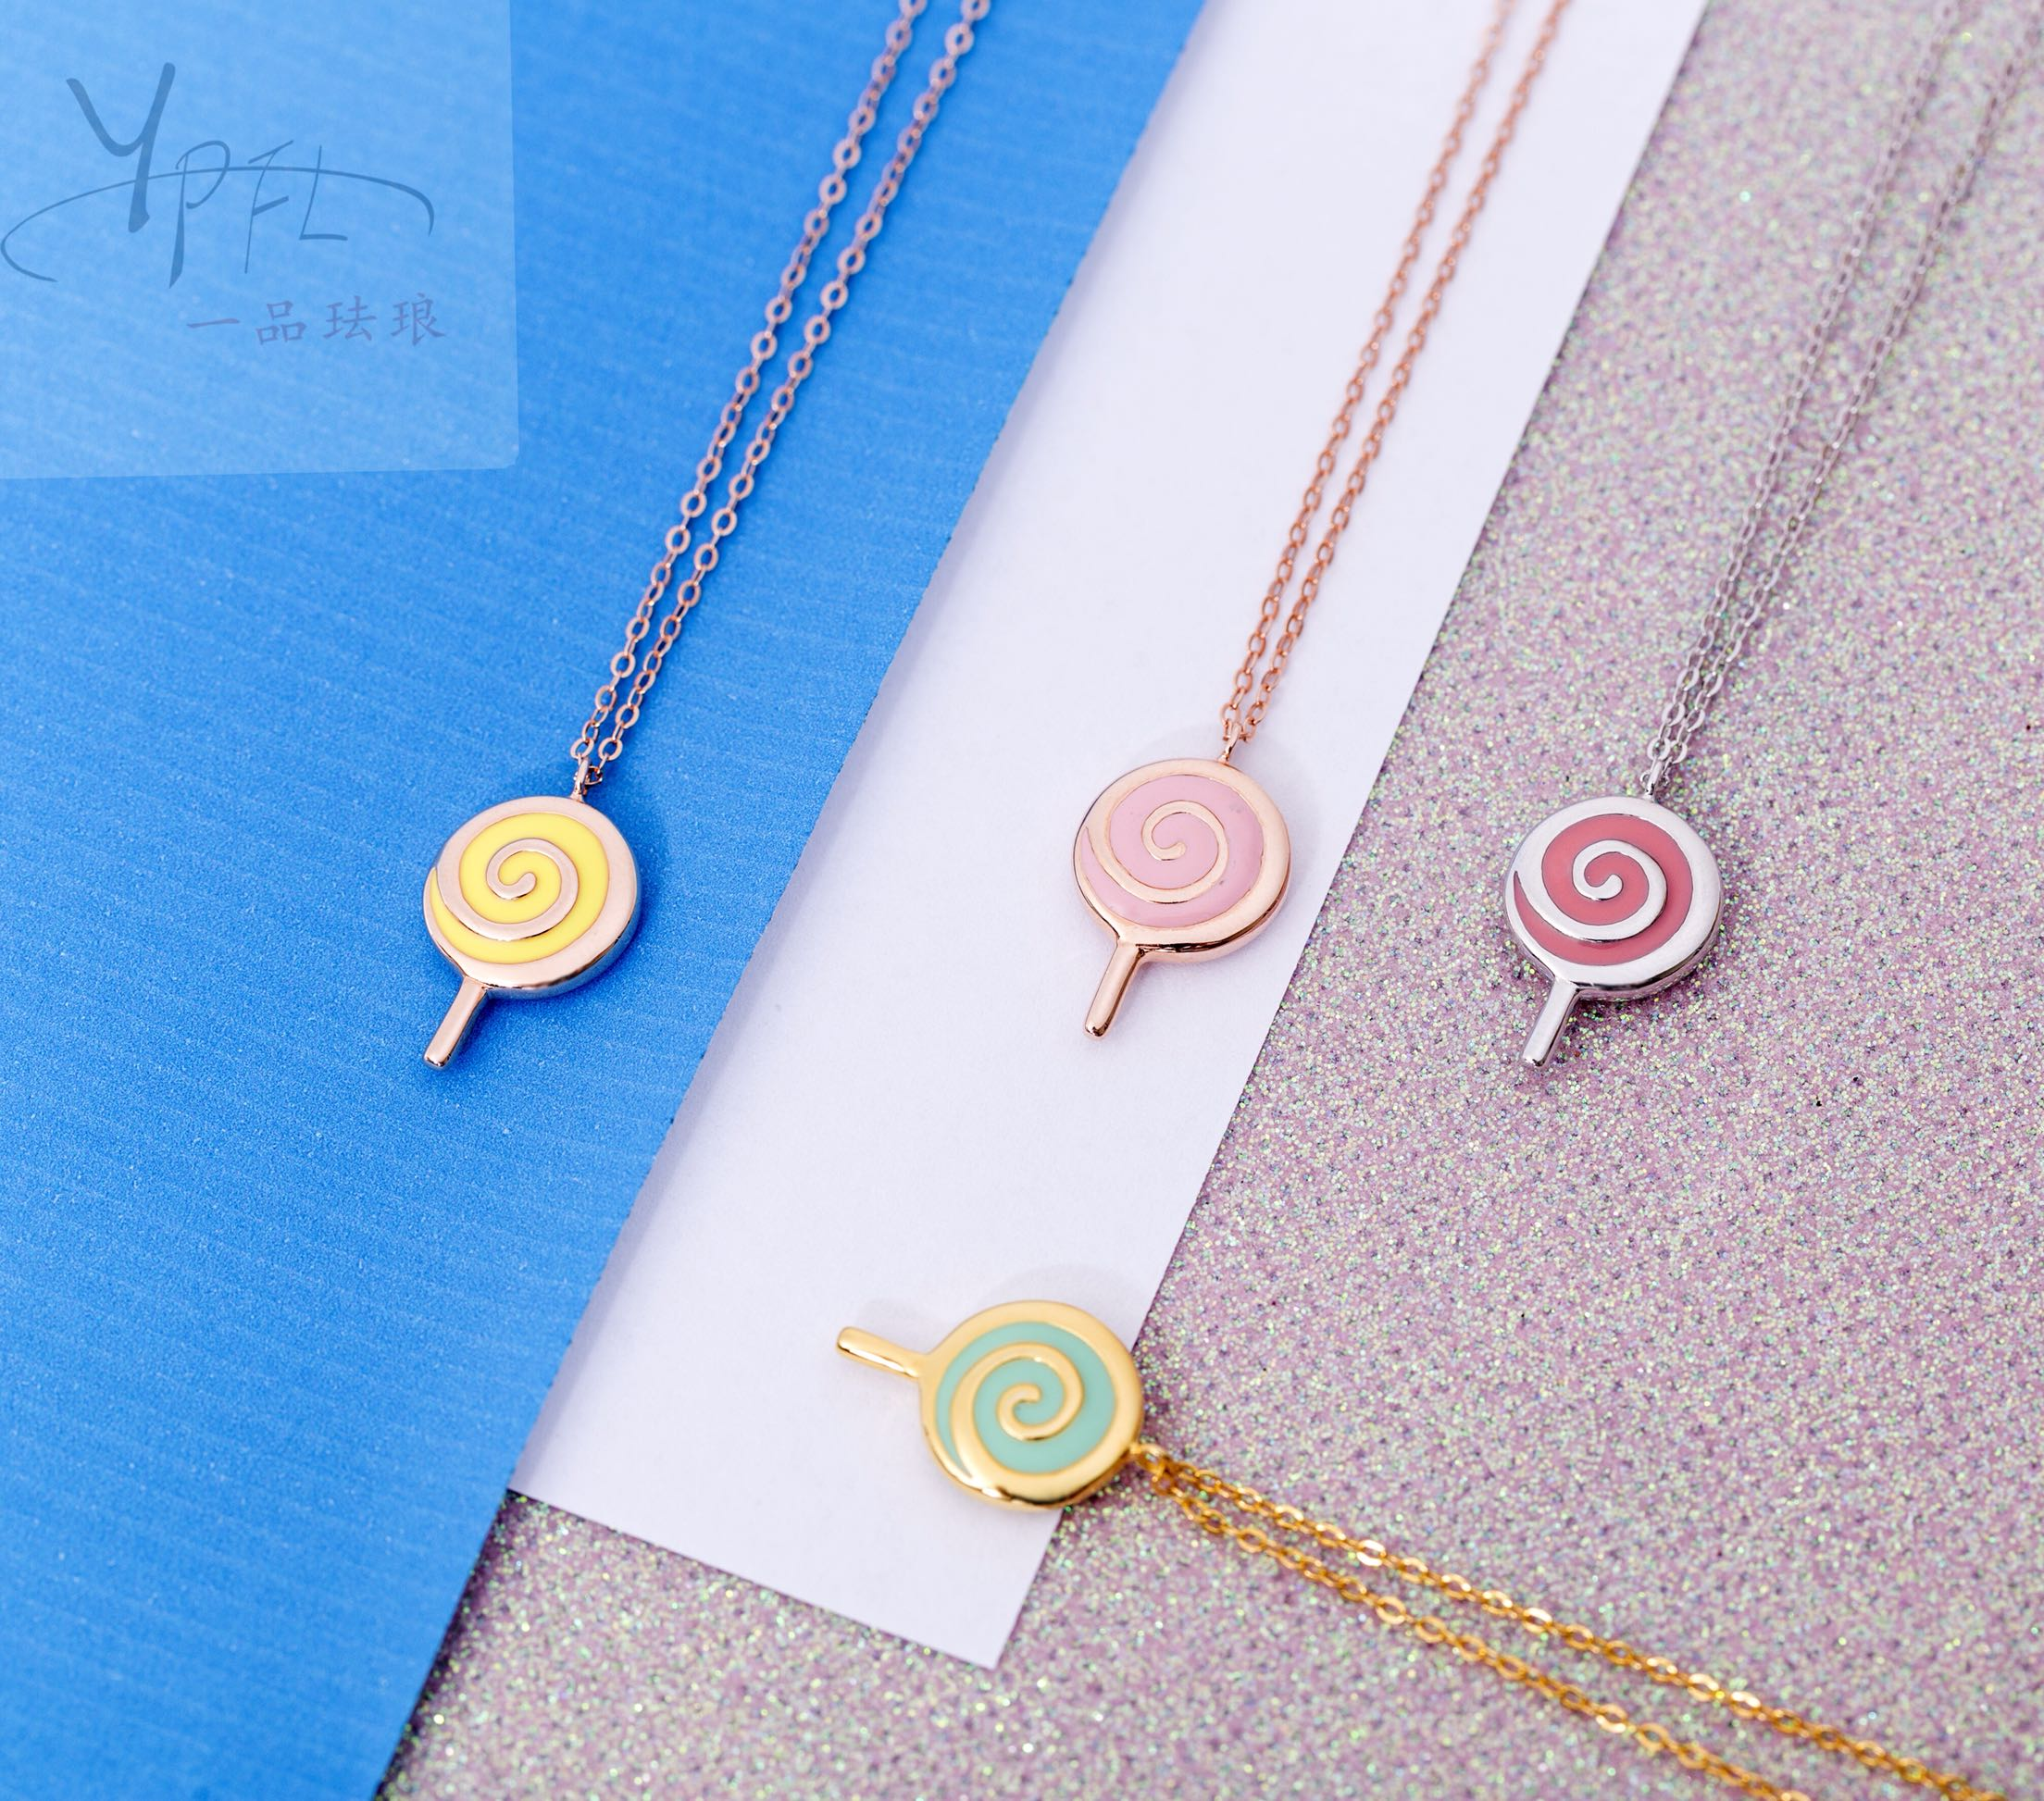 网红爆款女项链925纯银珐琅棒棒糖项链送女友礼物七夕情人节礼物168.00元包邮